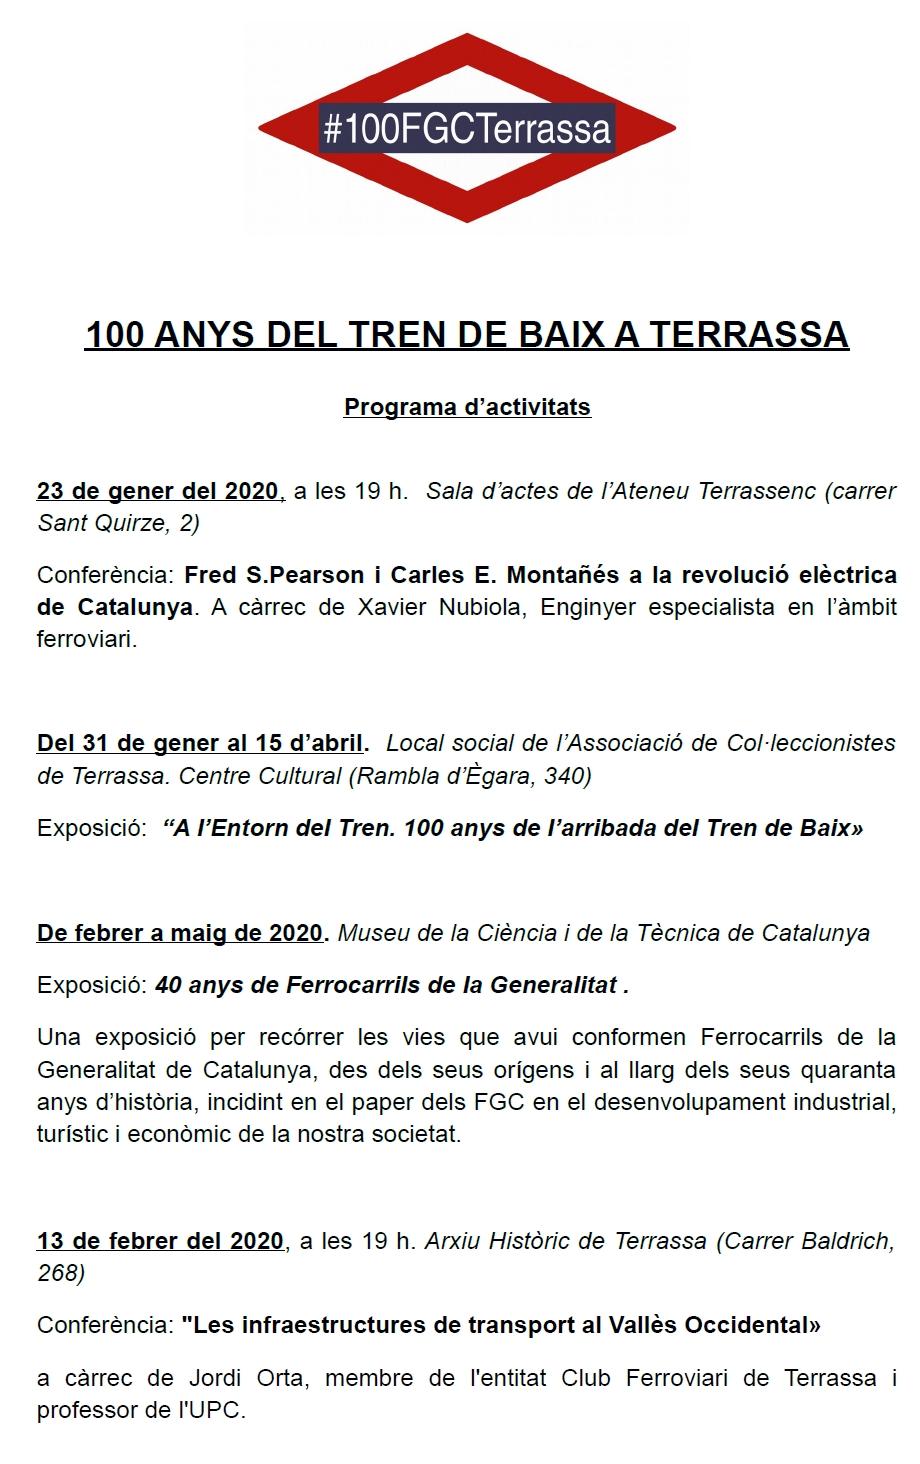 """100 Anys del """"Tren de Baix"""" a Terrassa. Programa d'activitats. Part 1: Conferències i Exposicions"""